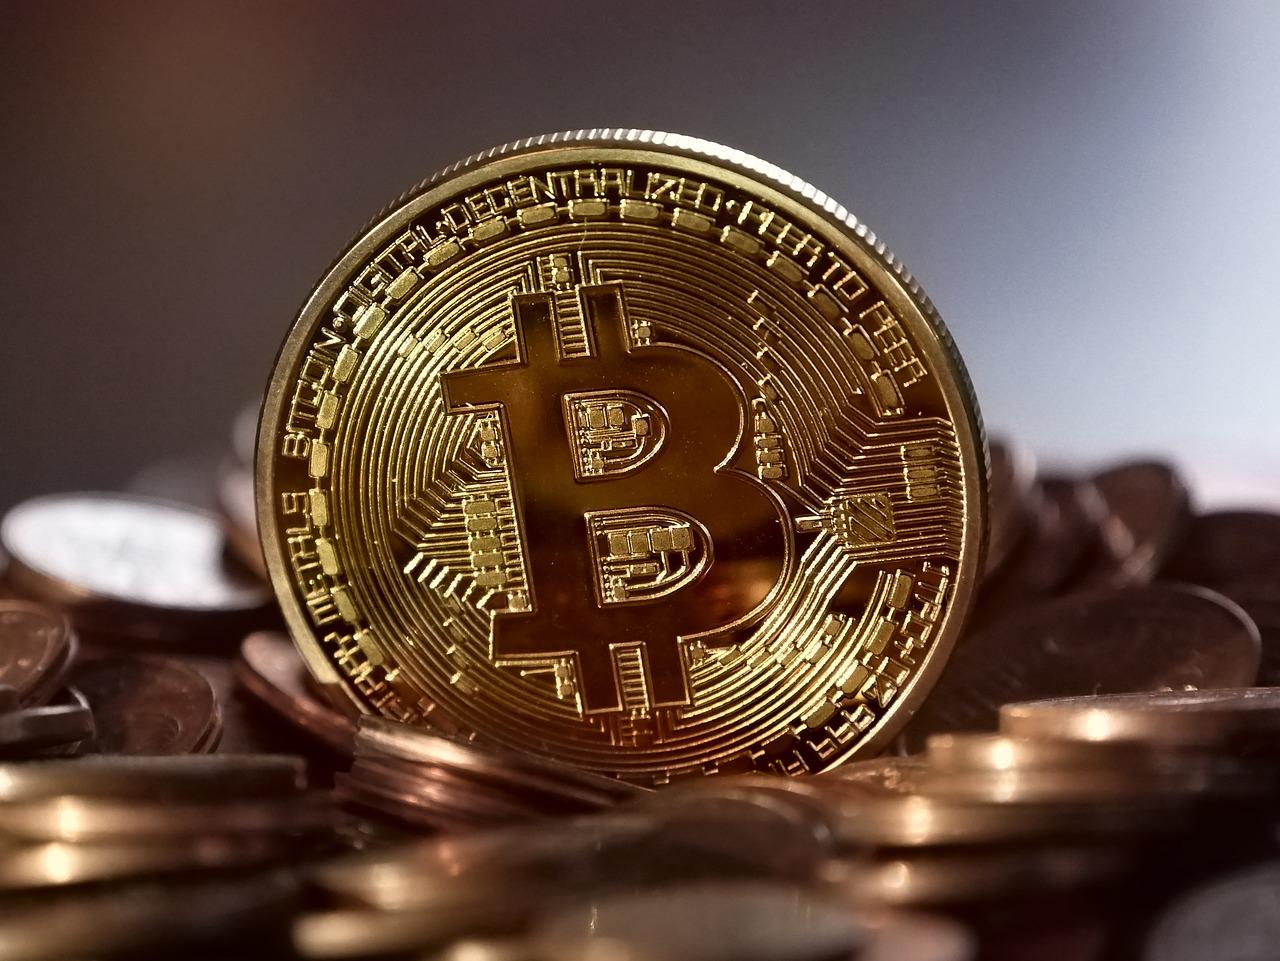 รู้ไว้ใช่ว่า Cryptocurrency คืออะไร? เกี่ยวข้องกับนักบัญชีอย่างไร?